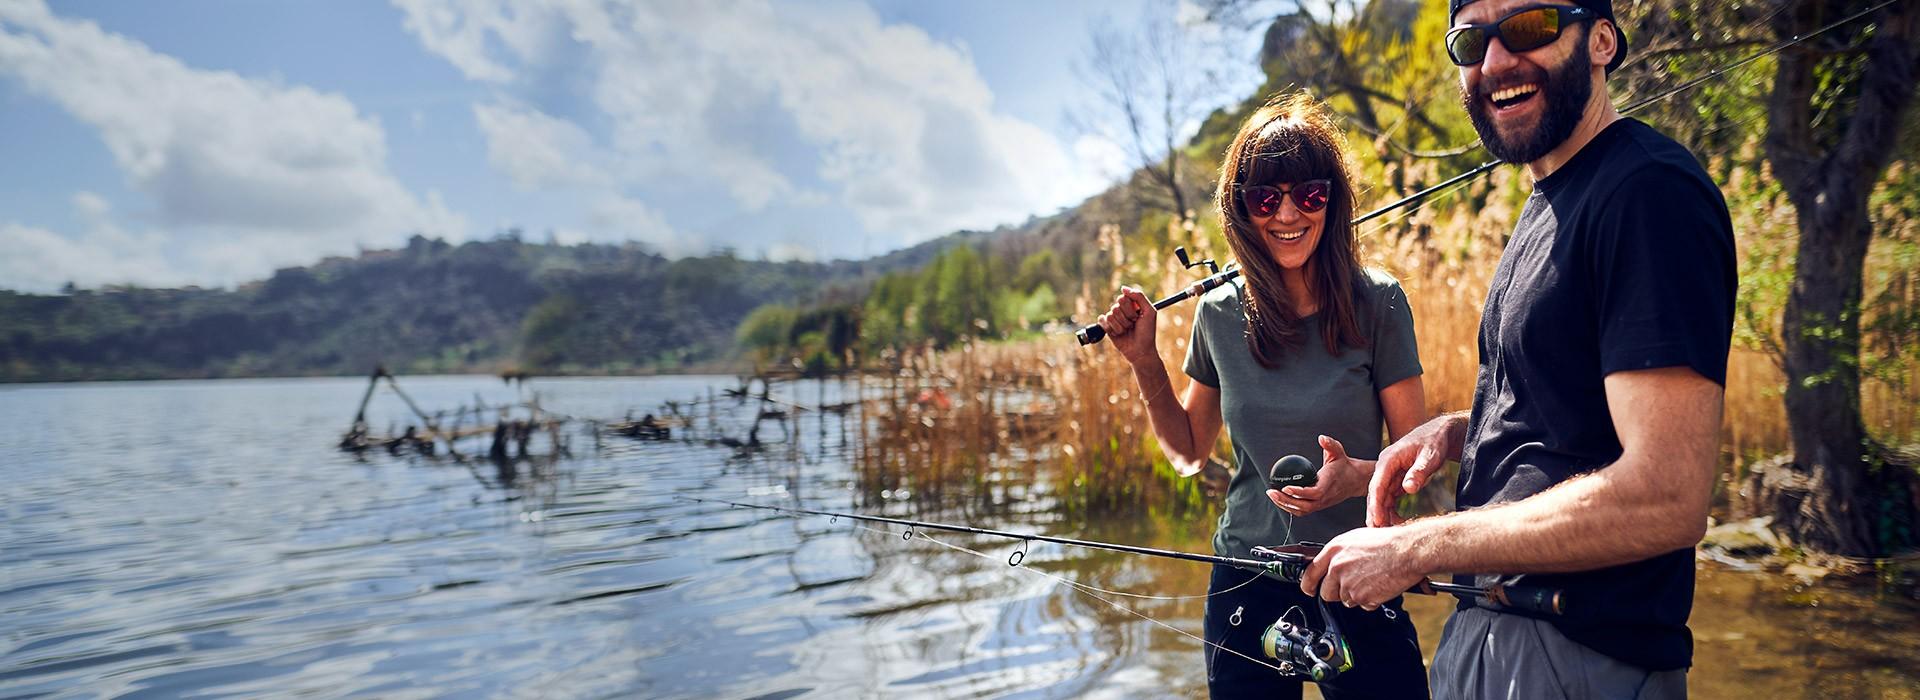 Prenez vos cannes à pêche et profitez de la nature enBelgique !Deeper à partir de 189.99 €